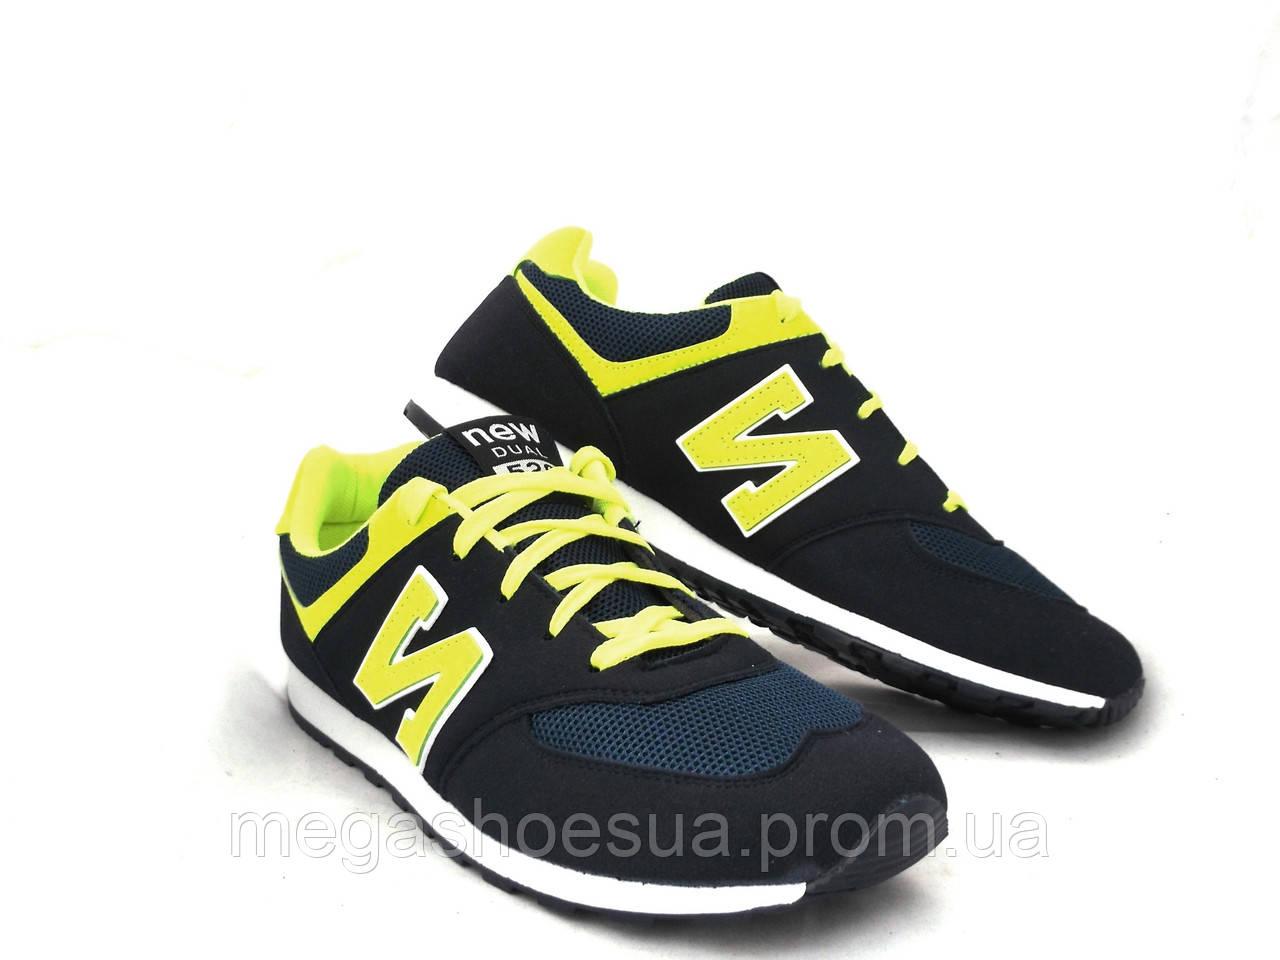 Кроссовки мужские New Balance 520 модель качественные - Интернет-магазин украинской обуви MegaShoes в Киеве